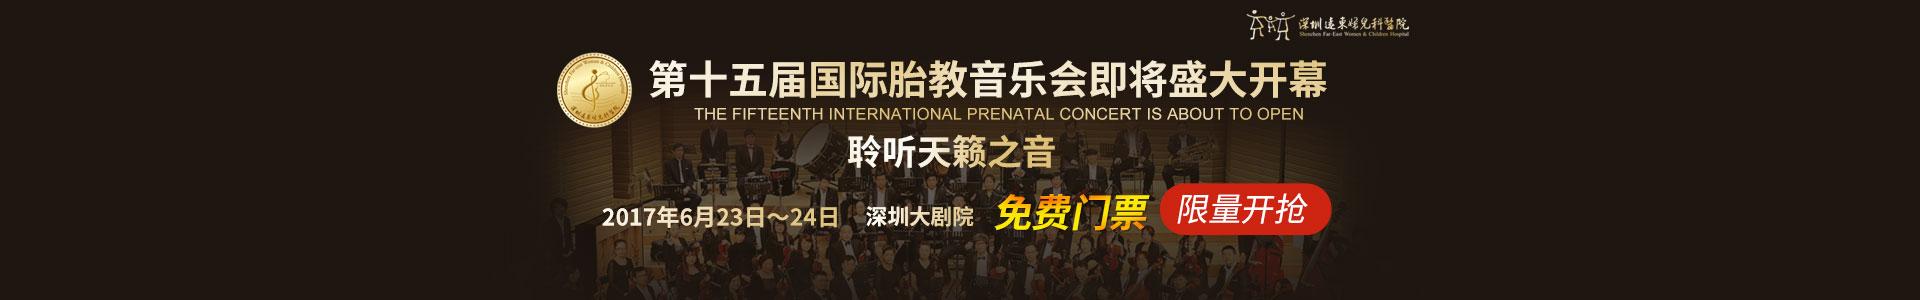 第十五届胎教音乐会即将盛大开幕,点击免费领票!